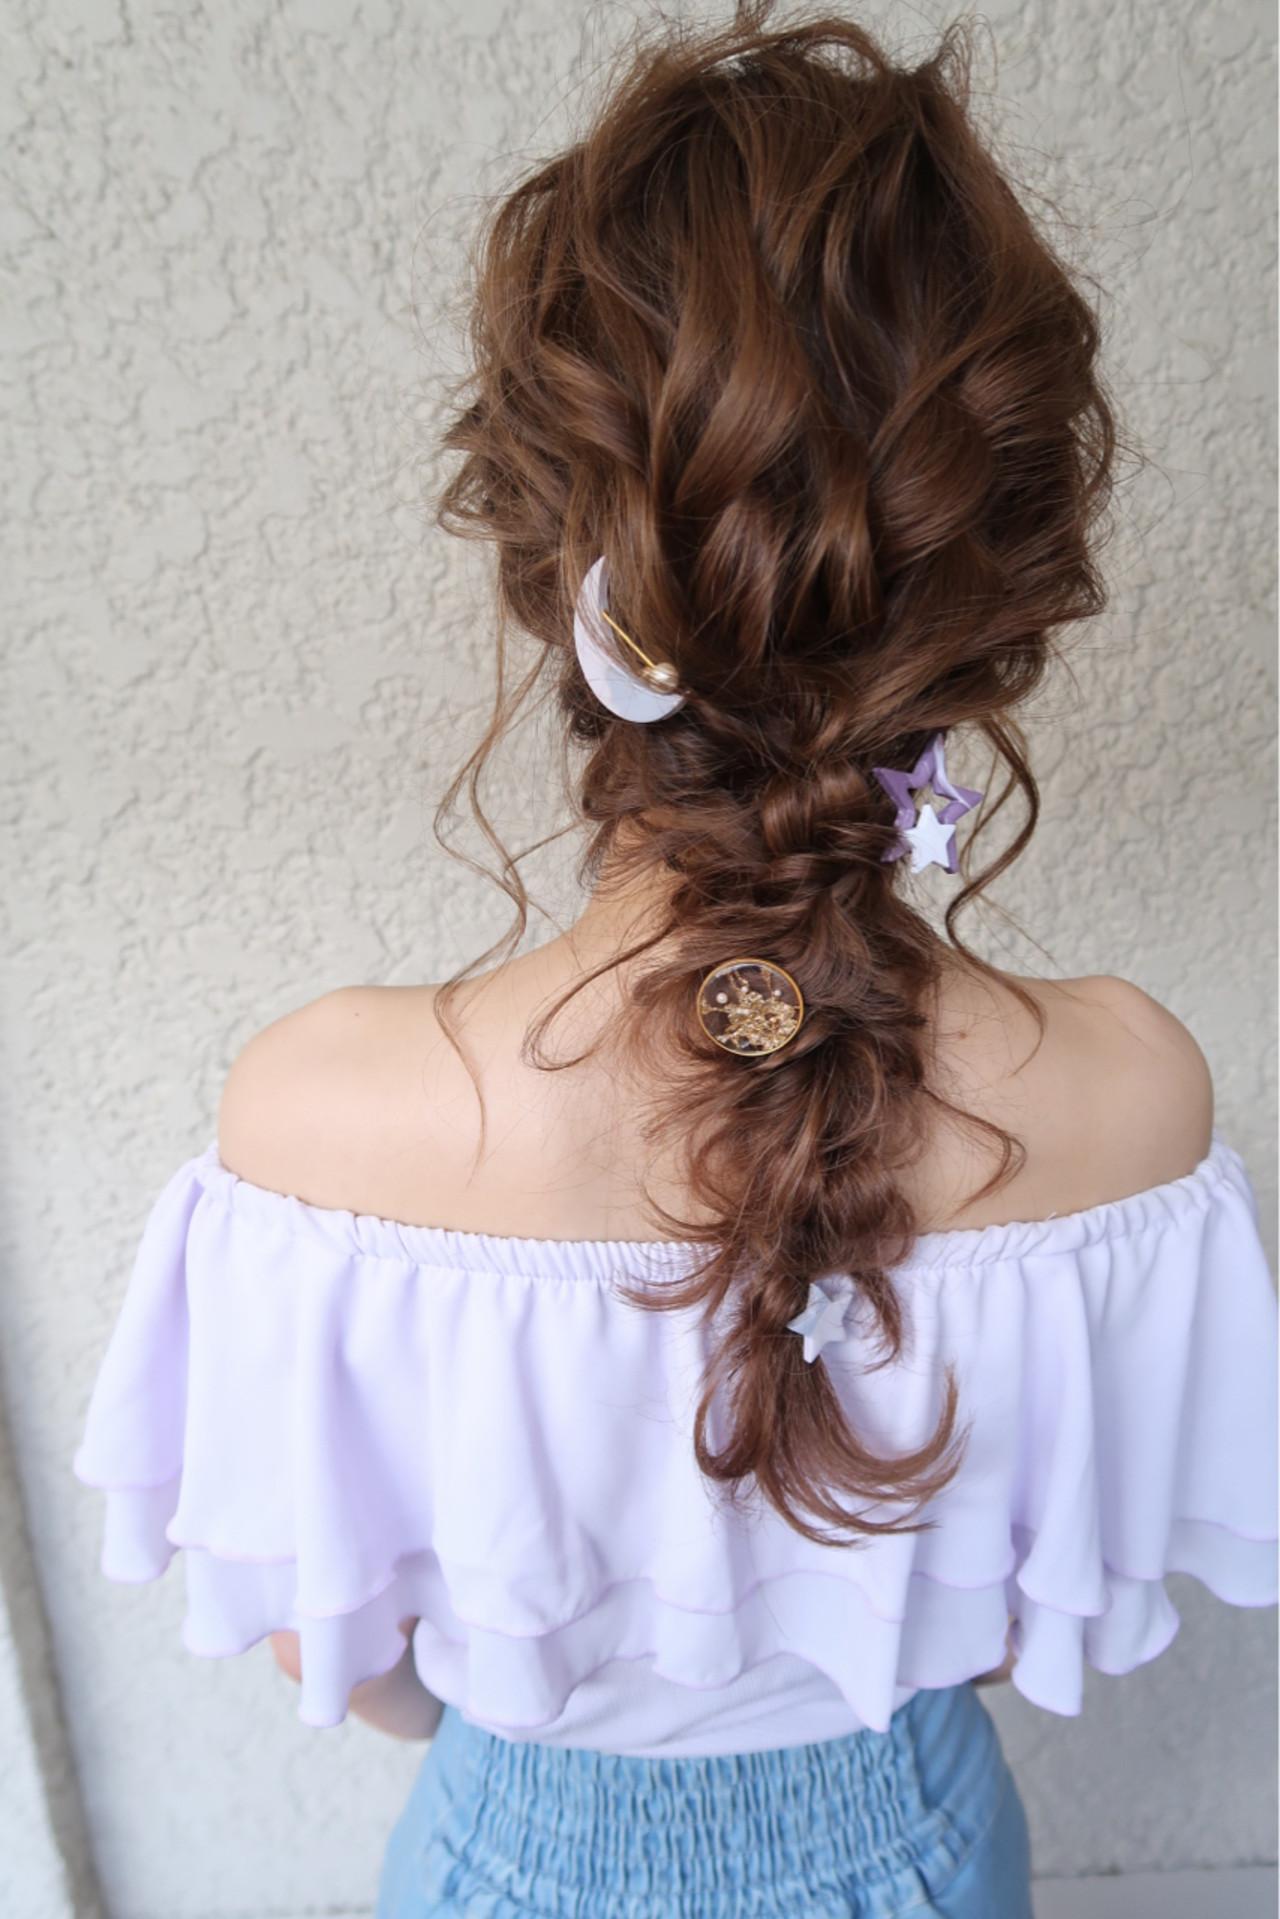 ナチュラル ヘアアレンジ 結婚式 パーティ ヘアスタイルや髪型の写真・画像 | 平川 元気 / MAPUNA